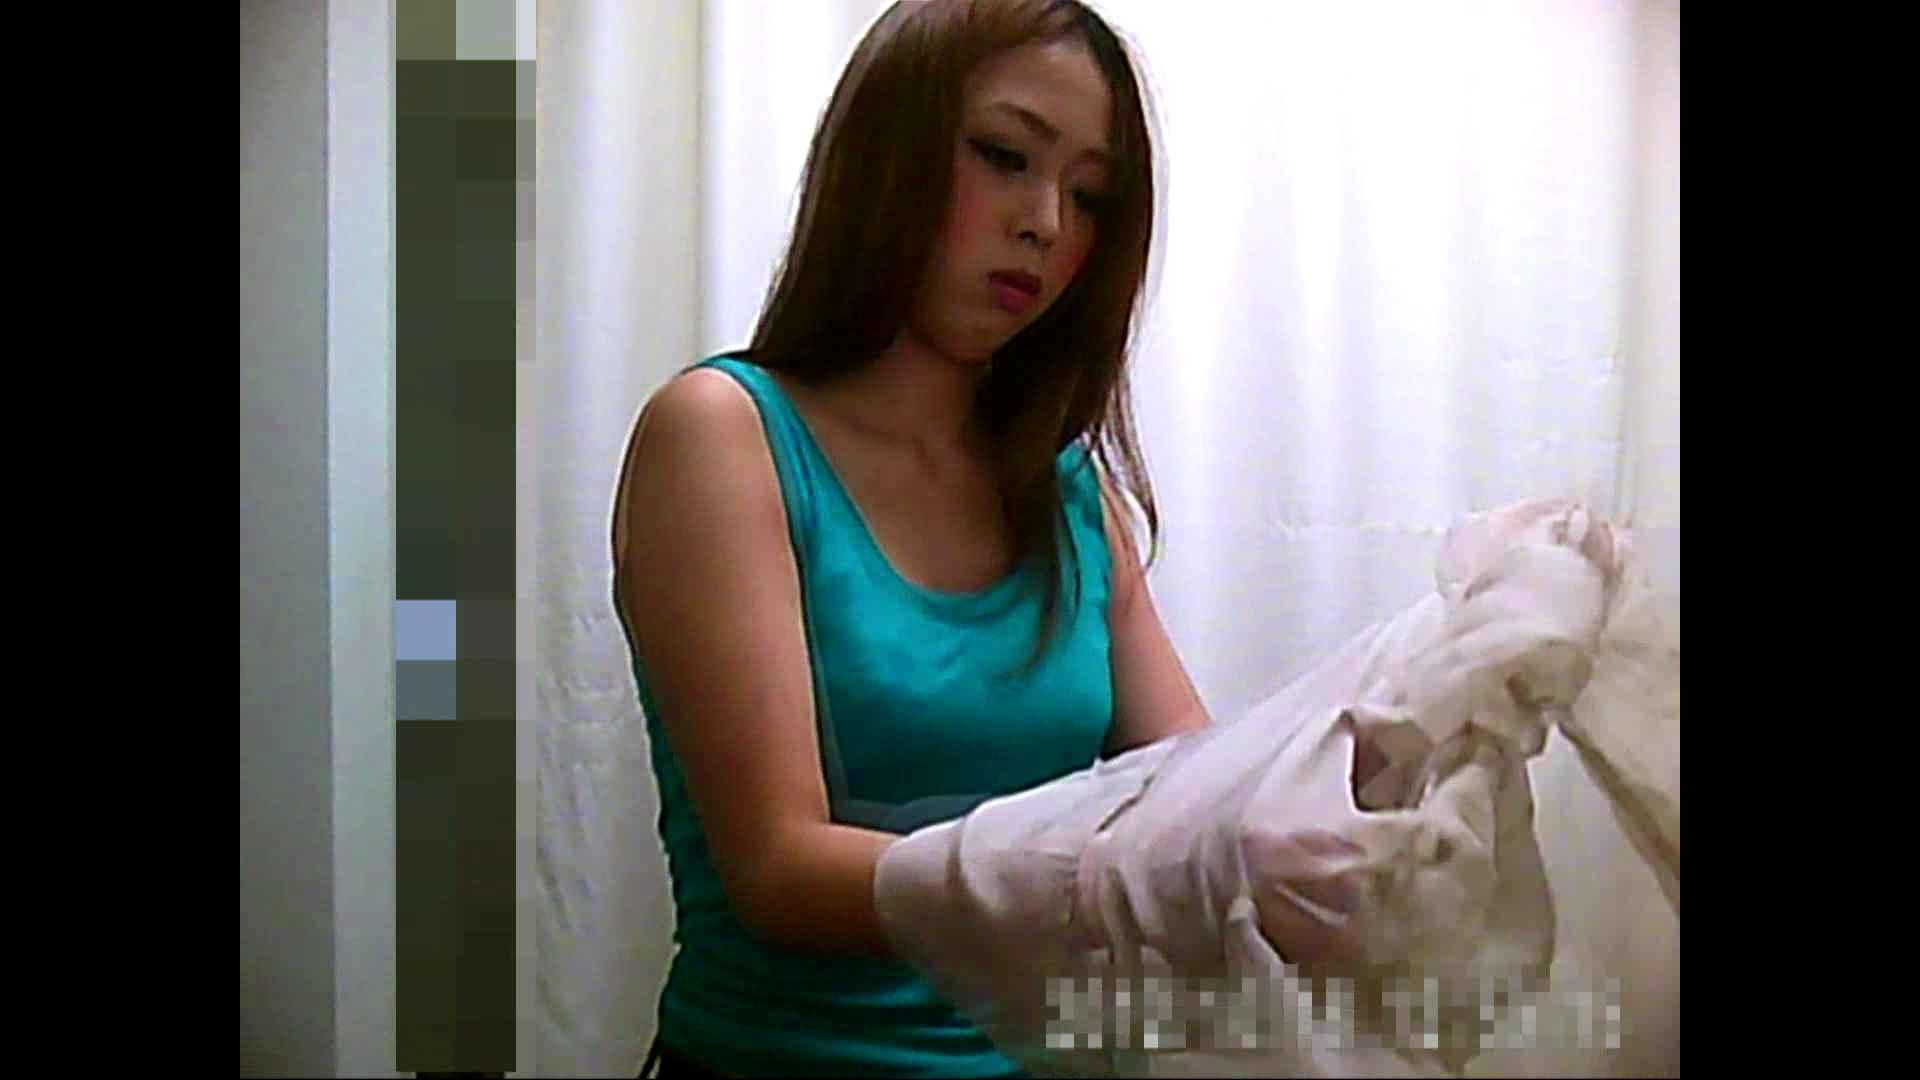 元医者による反抗 更衣室地獄絵巻 vol.053 盛合せ オマンコ動画キャプチャ 49画像 8